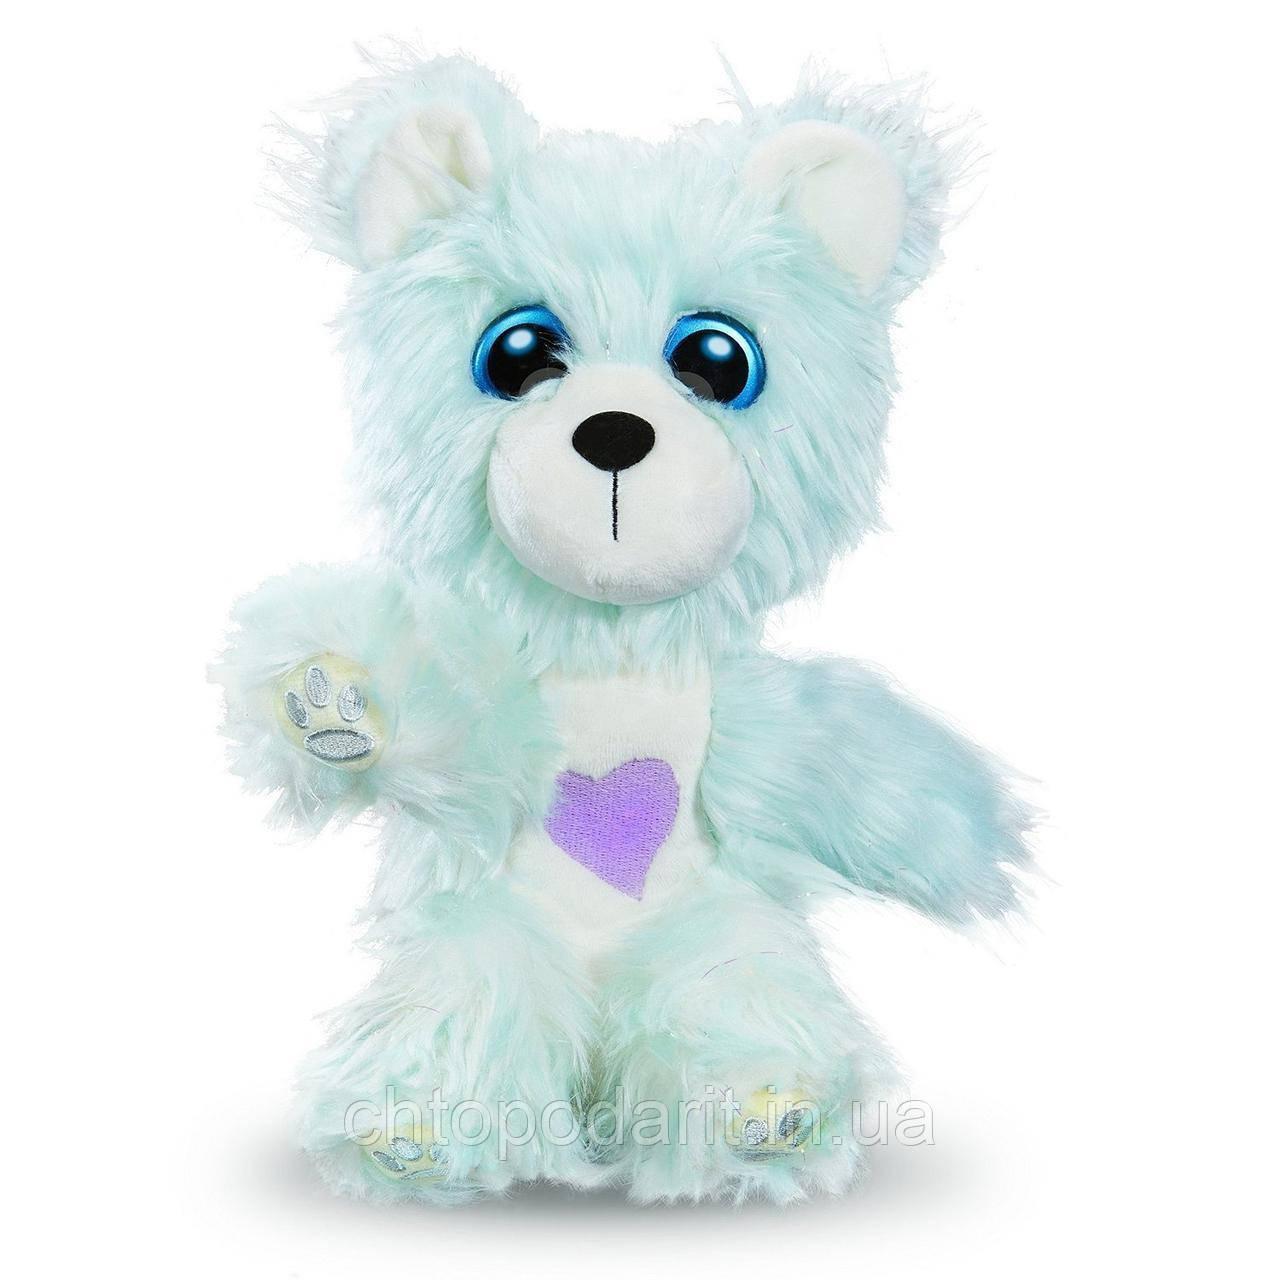 Пушистик потеряшка «Снежные друзья» игрушка сюрприз Scruff A Luvs Snow Pals Код 12-2298